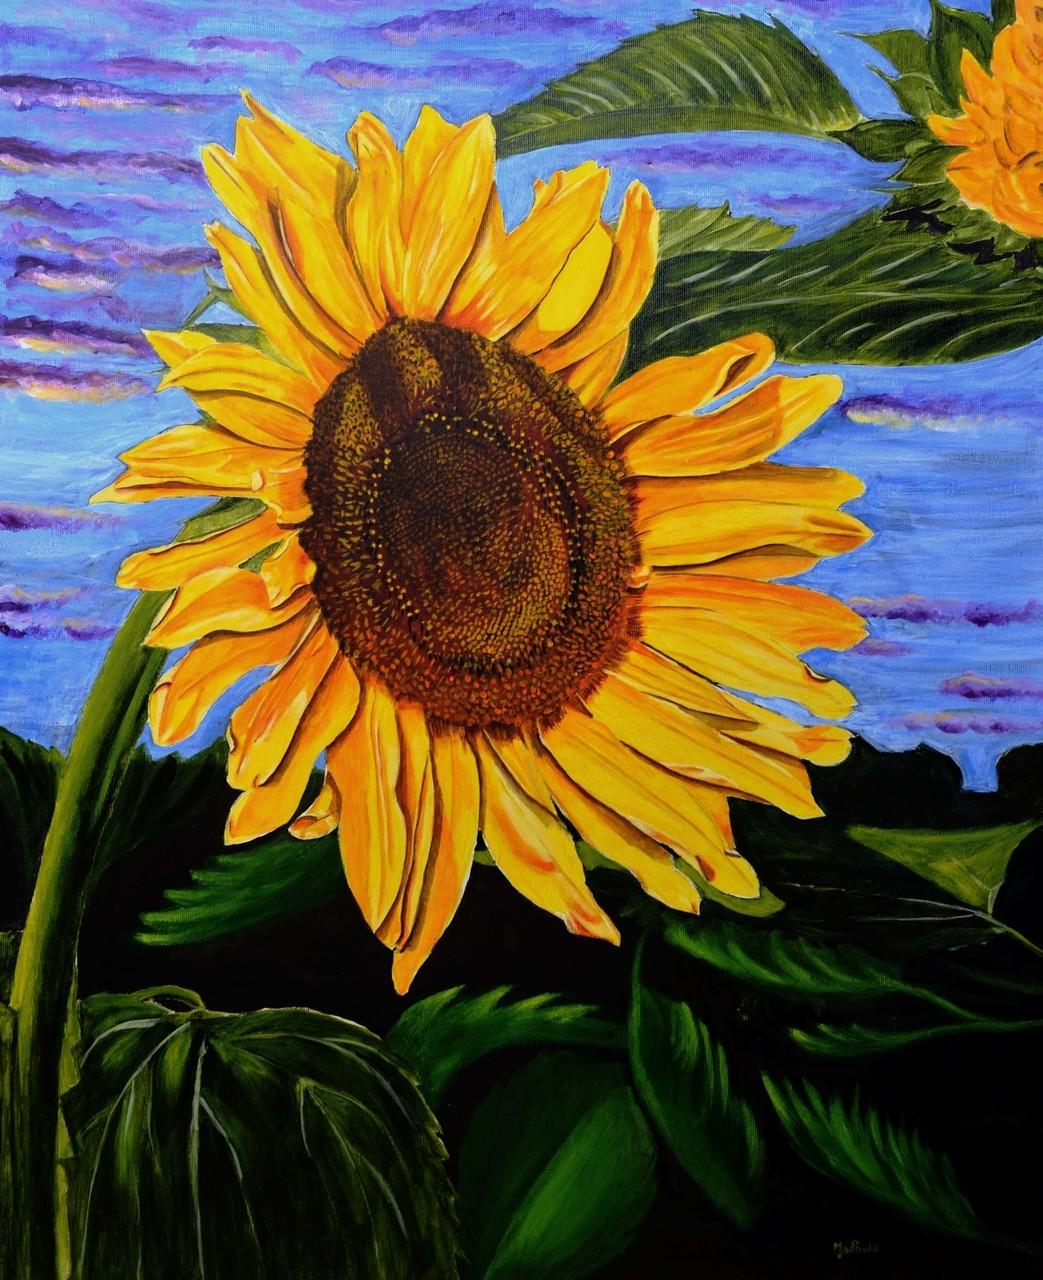 Hình ảnh tranh vẽ hoa Hướng Dương đẹp nhất